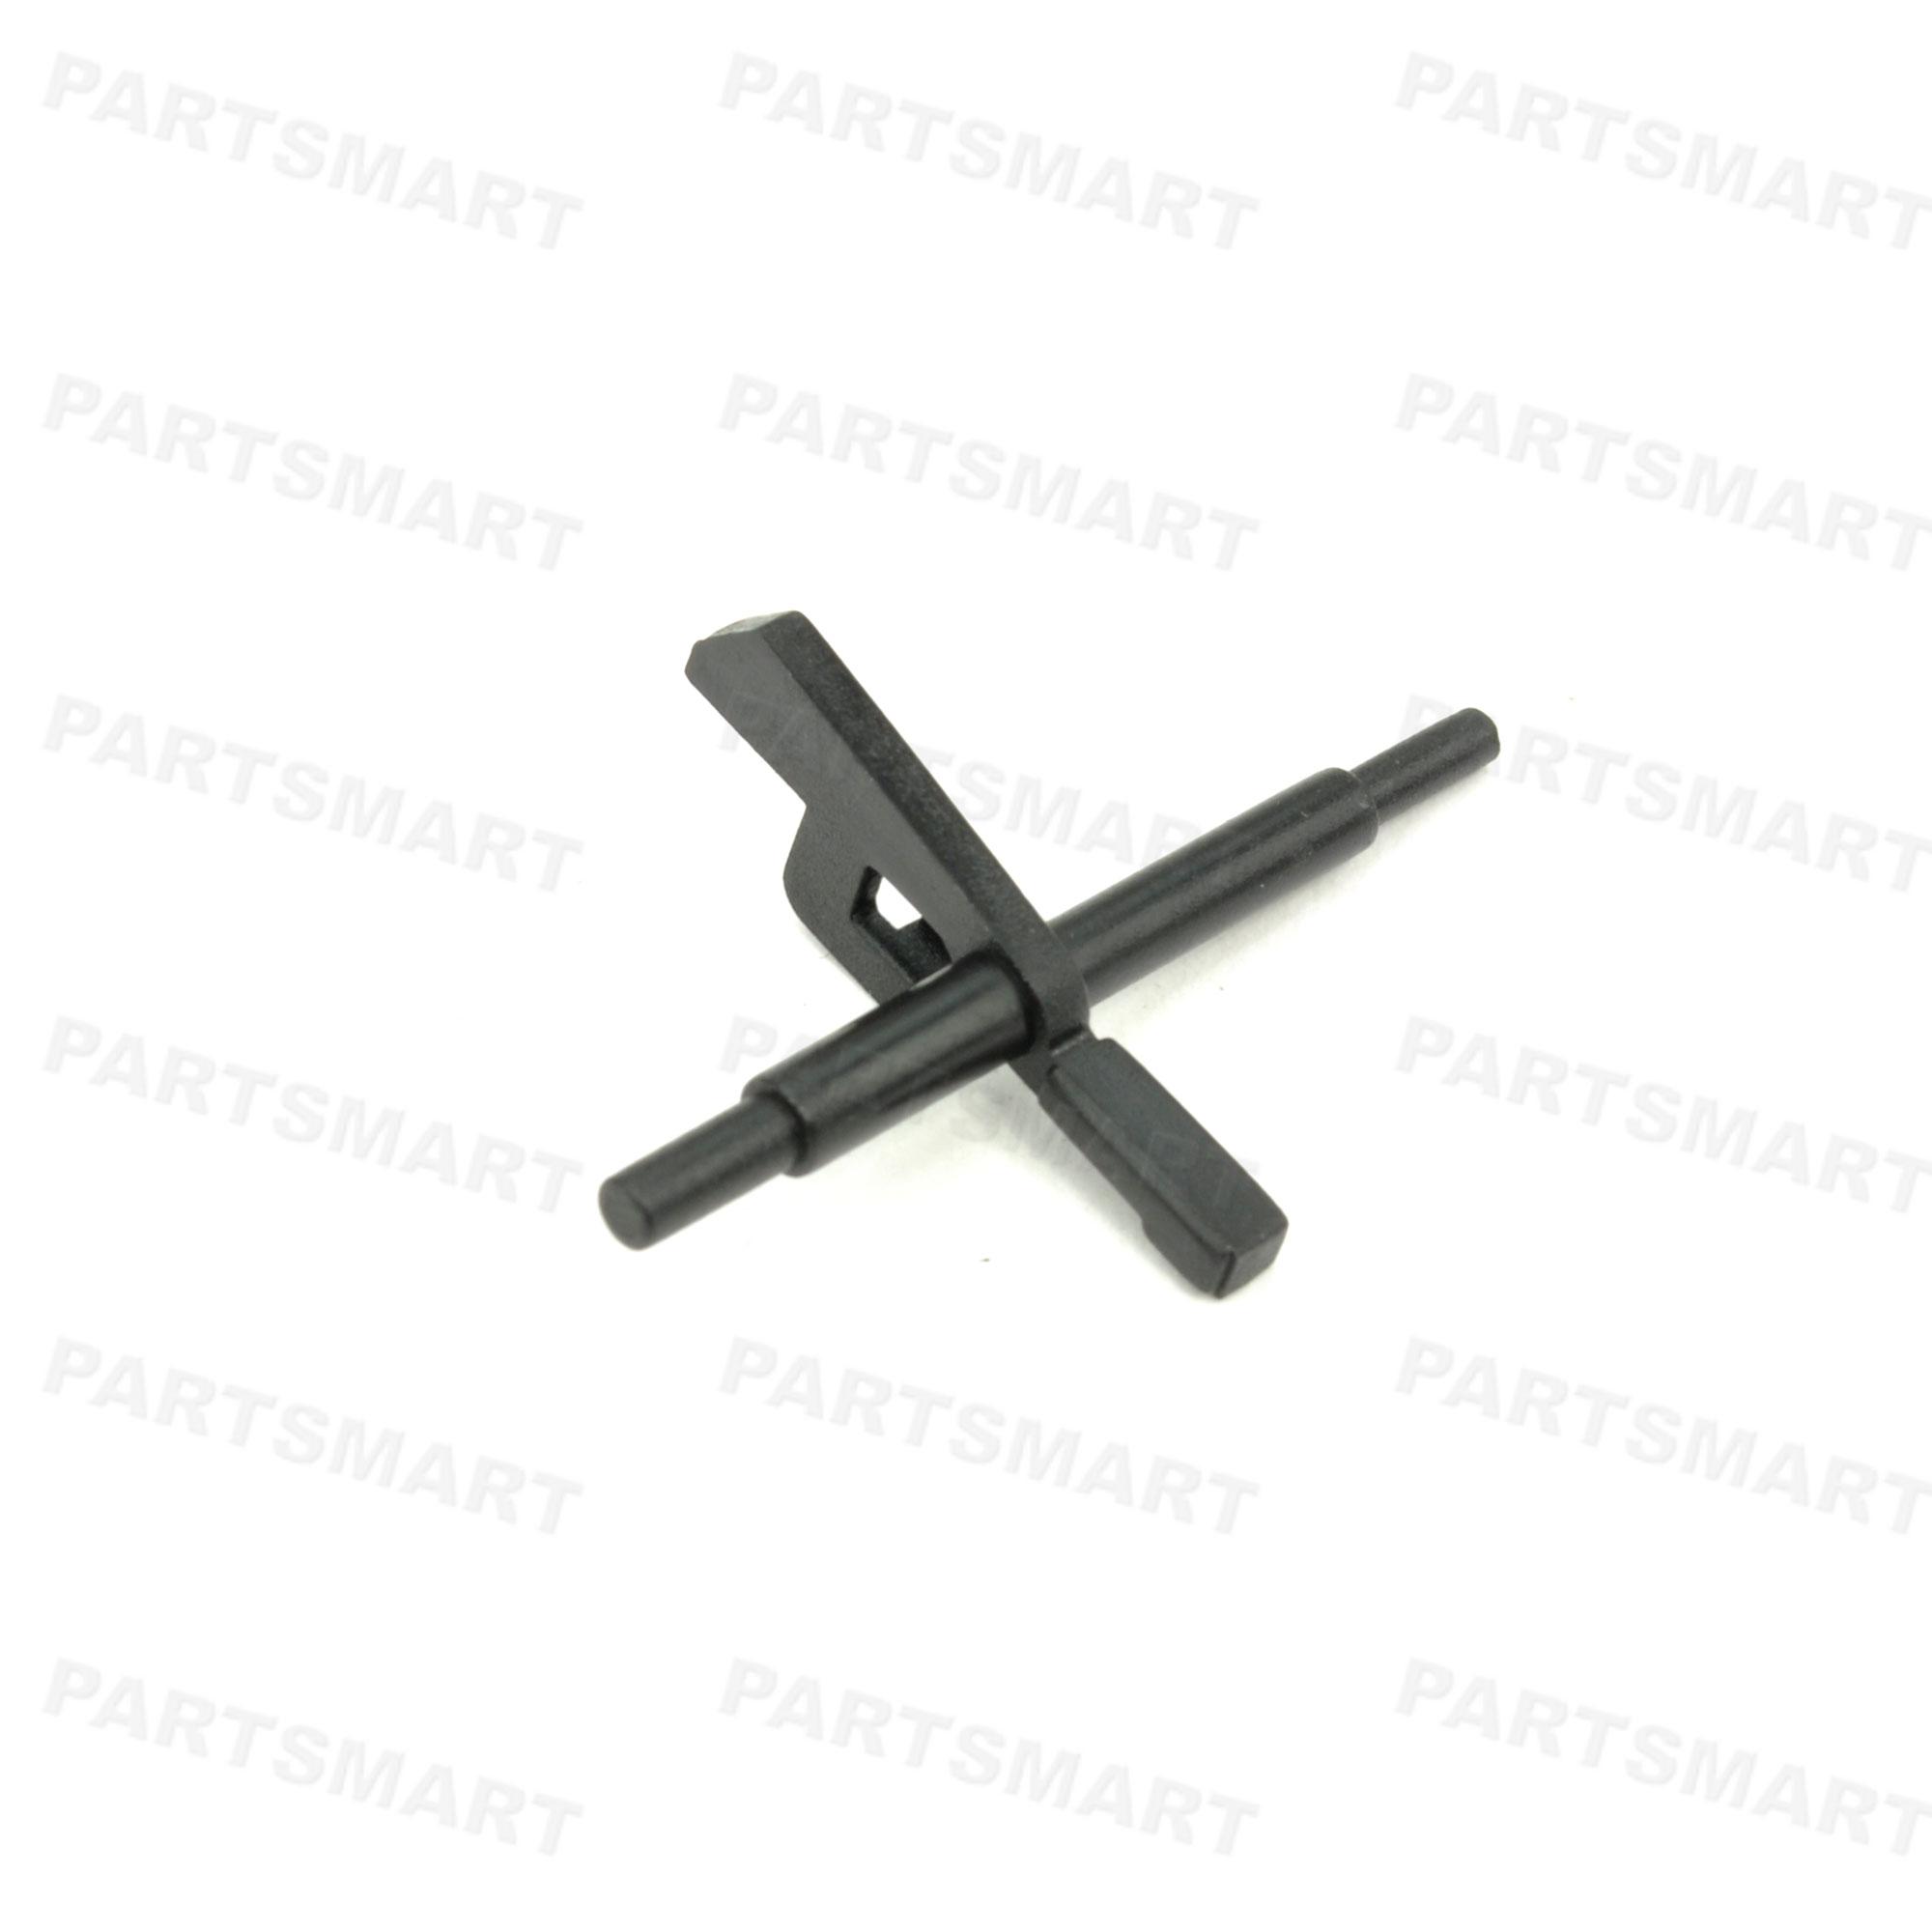 Laserjet 4100 Partsmart Compatible RB2-2387-000 Arm Retaining for HP Laserjet 4000 Tray 1